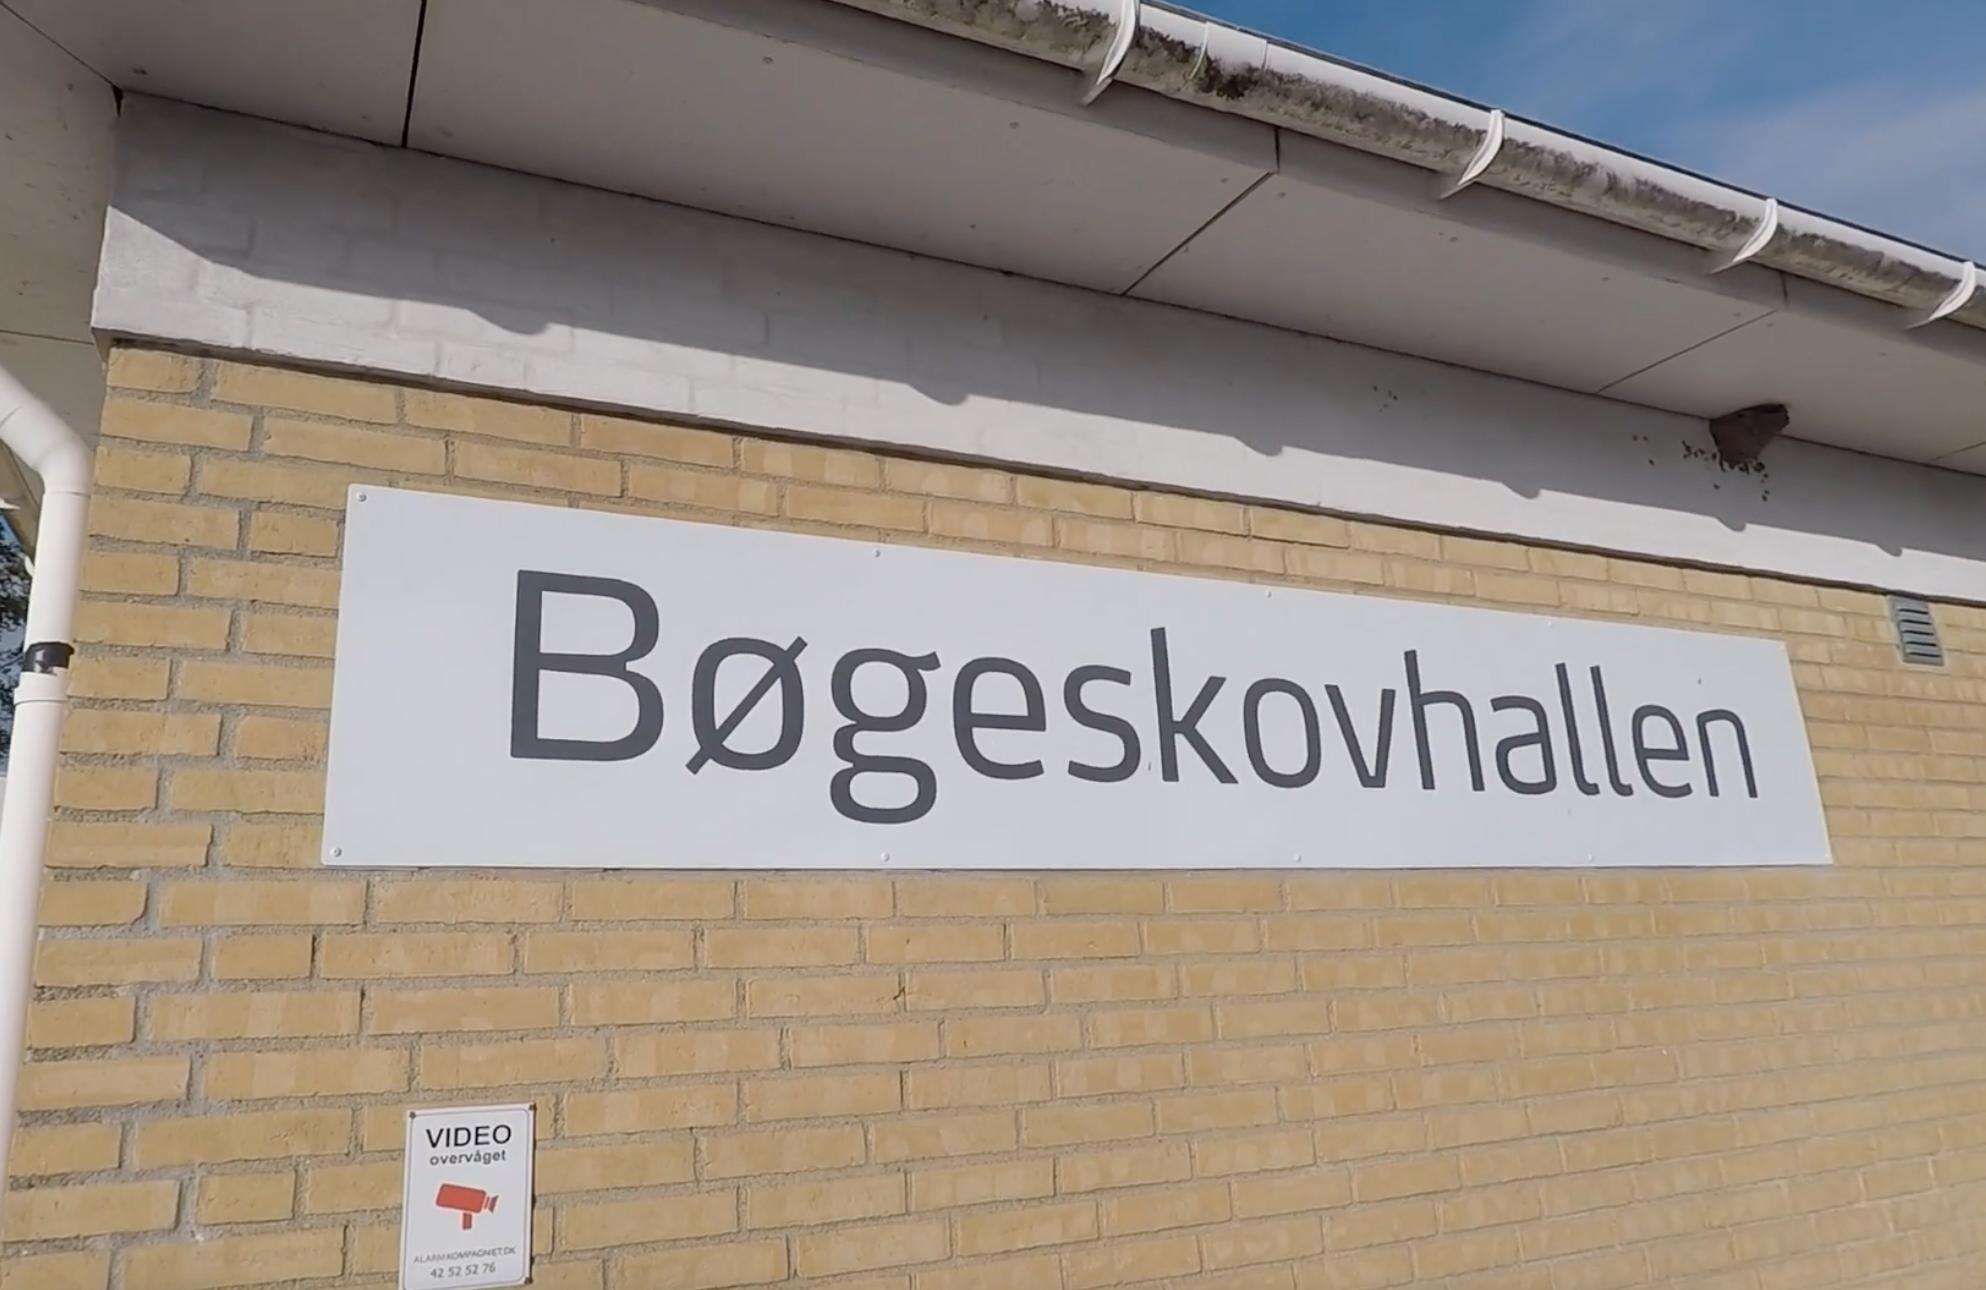 Ny multibane til hele Bøgeskov